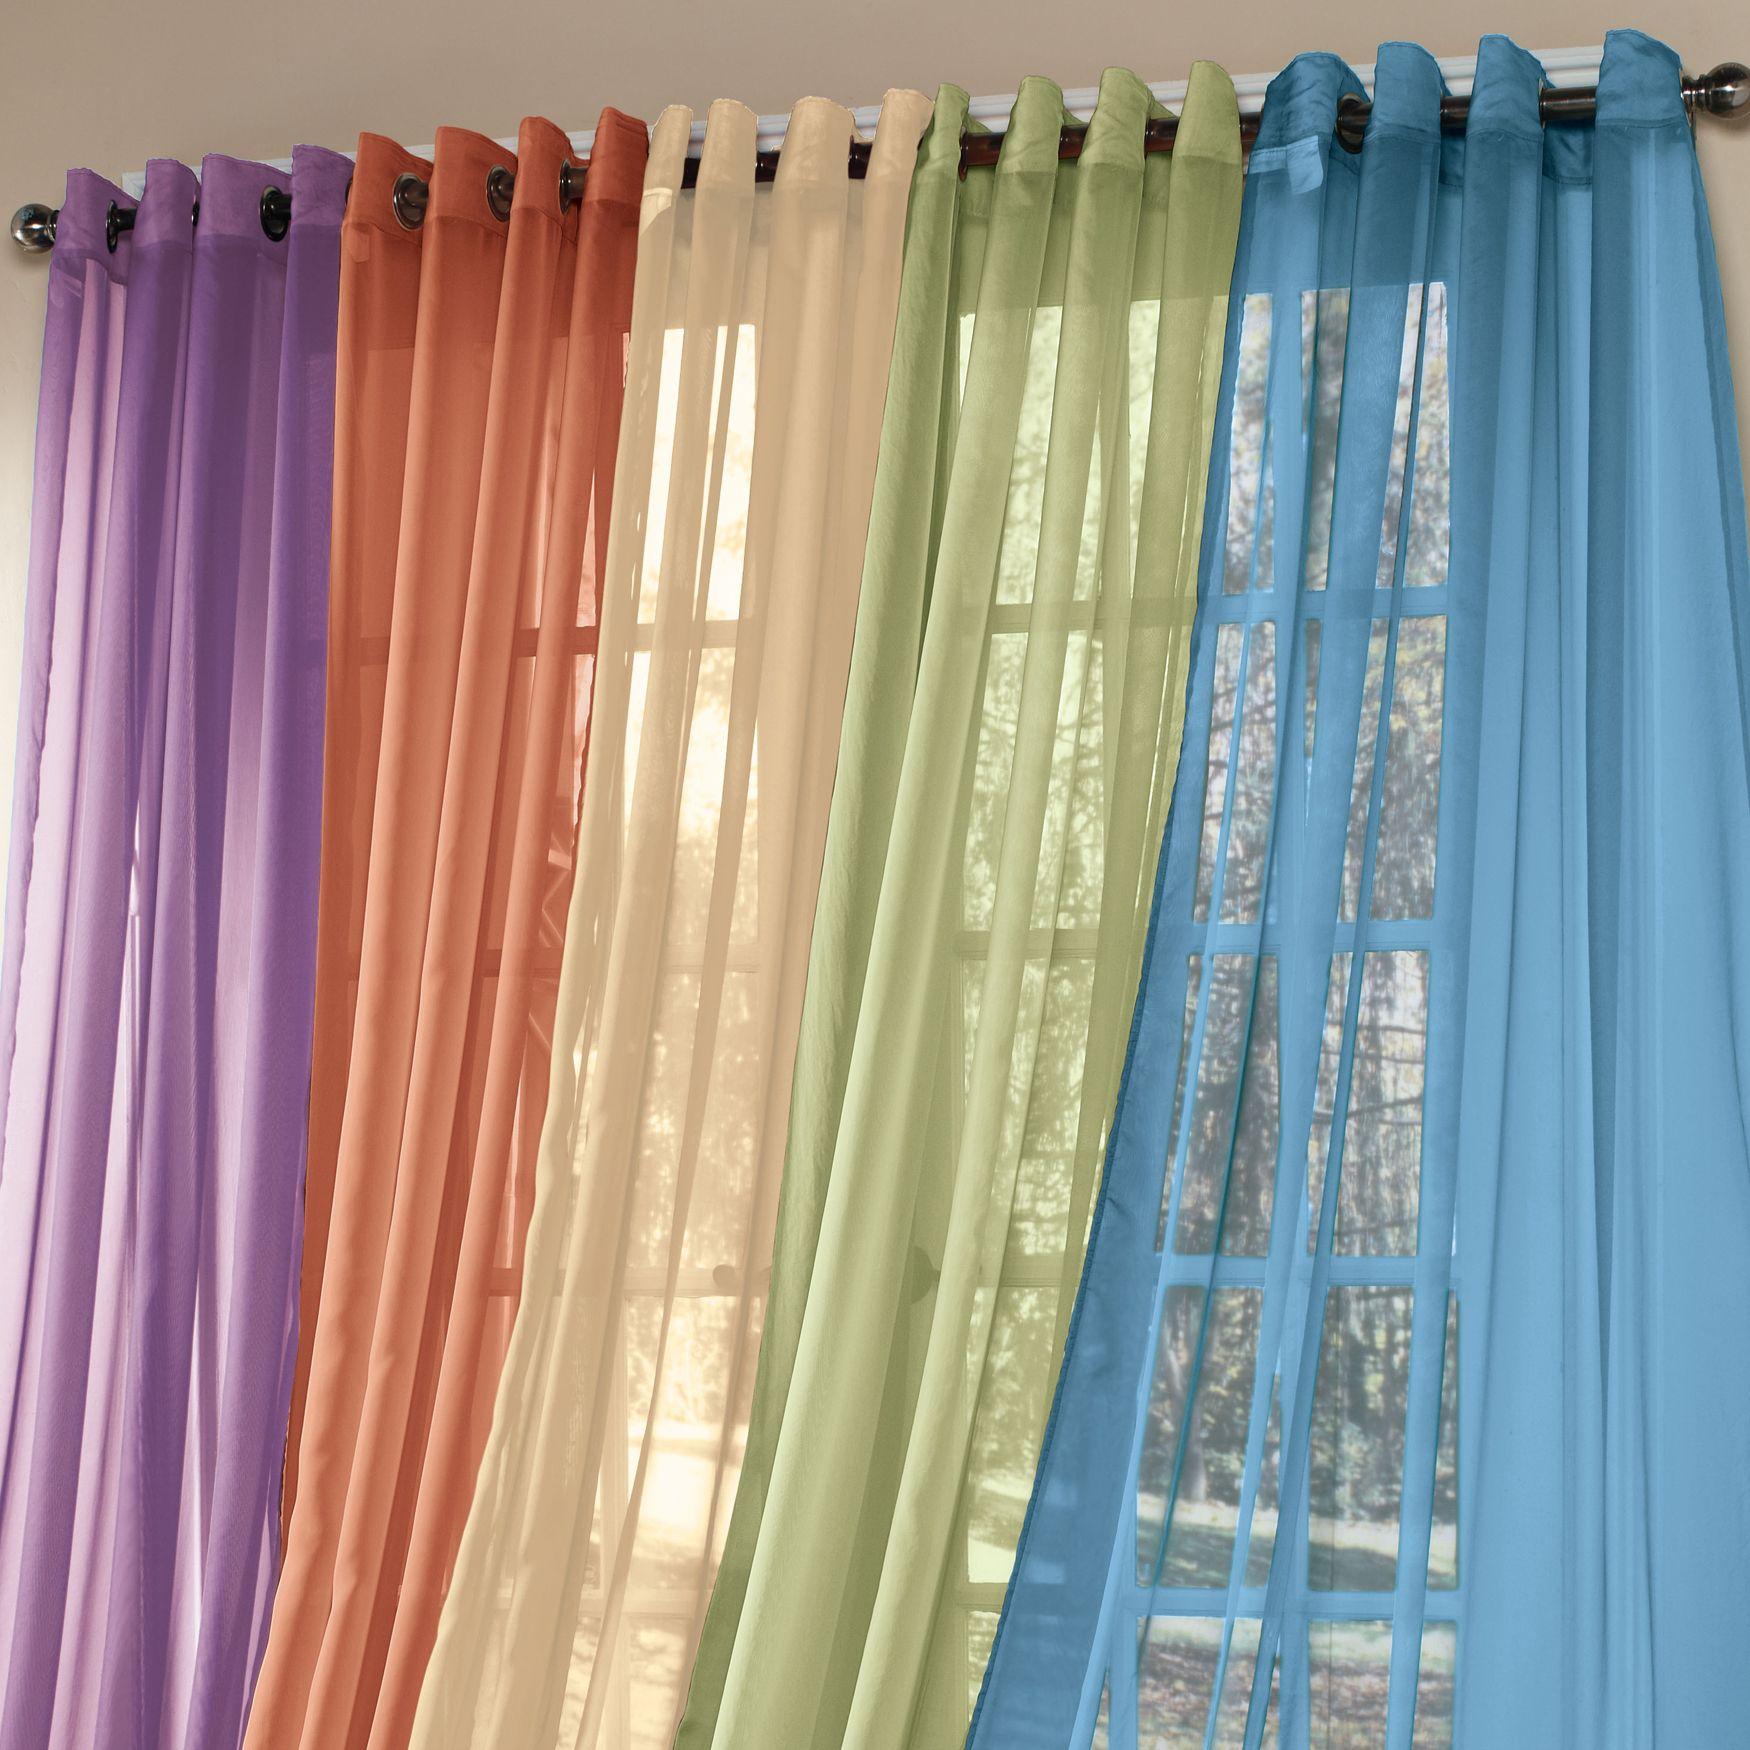 BrylaneHome® Studio Sheer Voile Grommet Panels | Sheer Curtains |  Brylanehome